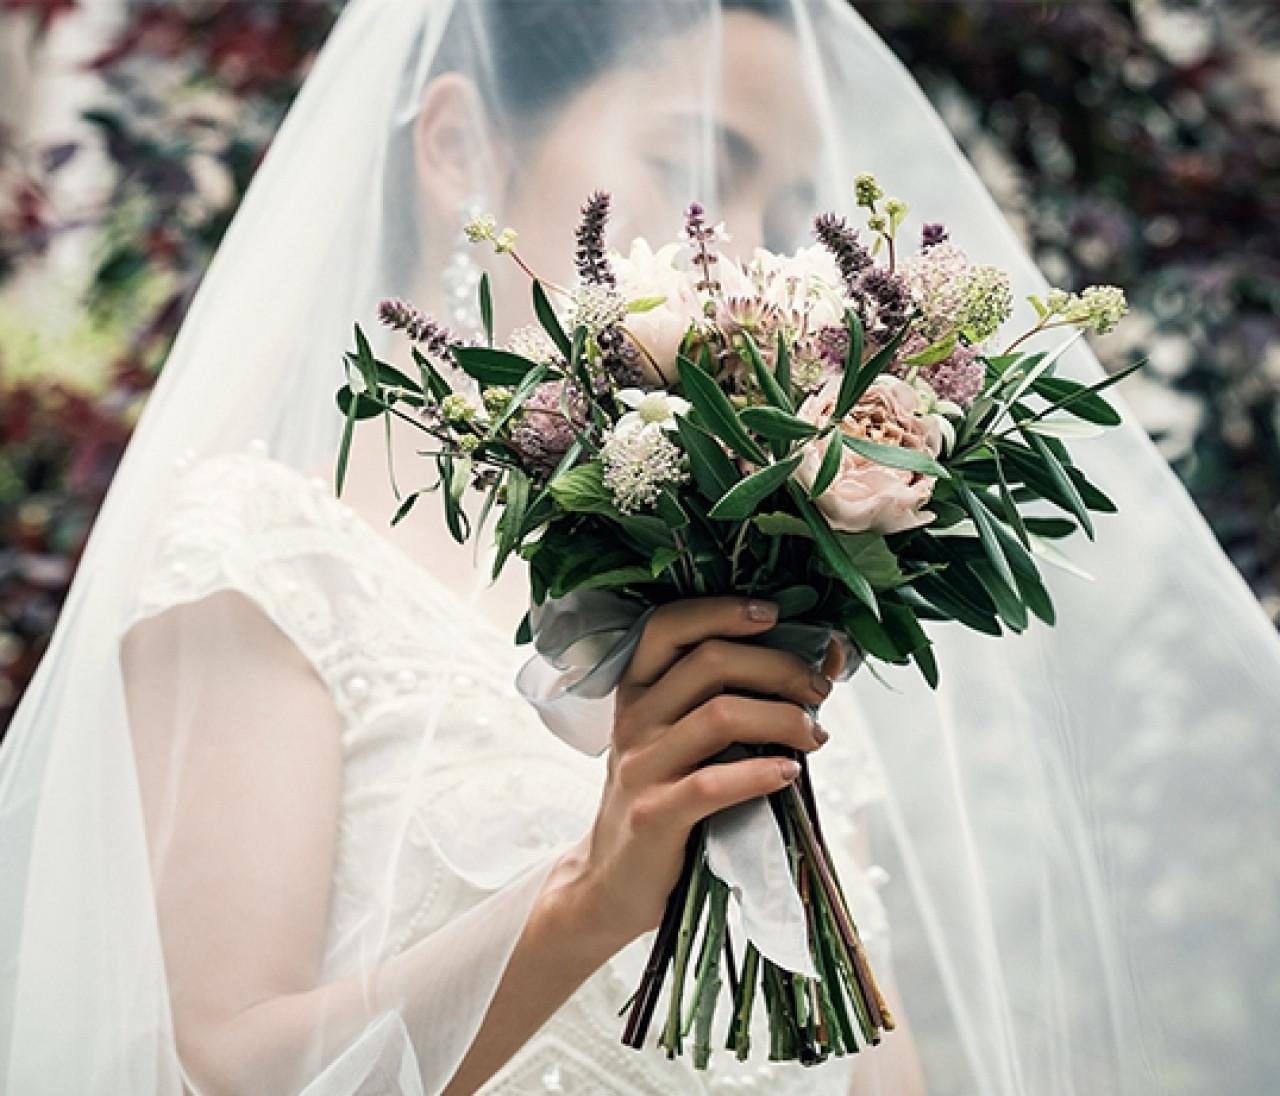 【ウエディングブーケ&DIY、SNS婚&マナーまとめ】おすすめ店&アイディアたっぷり!【結婚式で最高の花嫁になる!3】